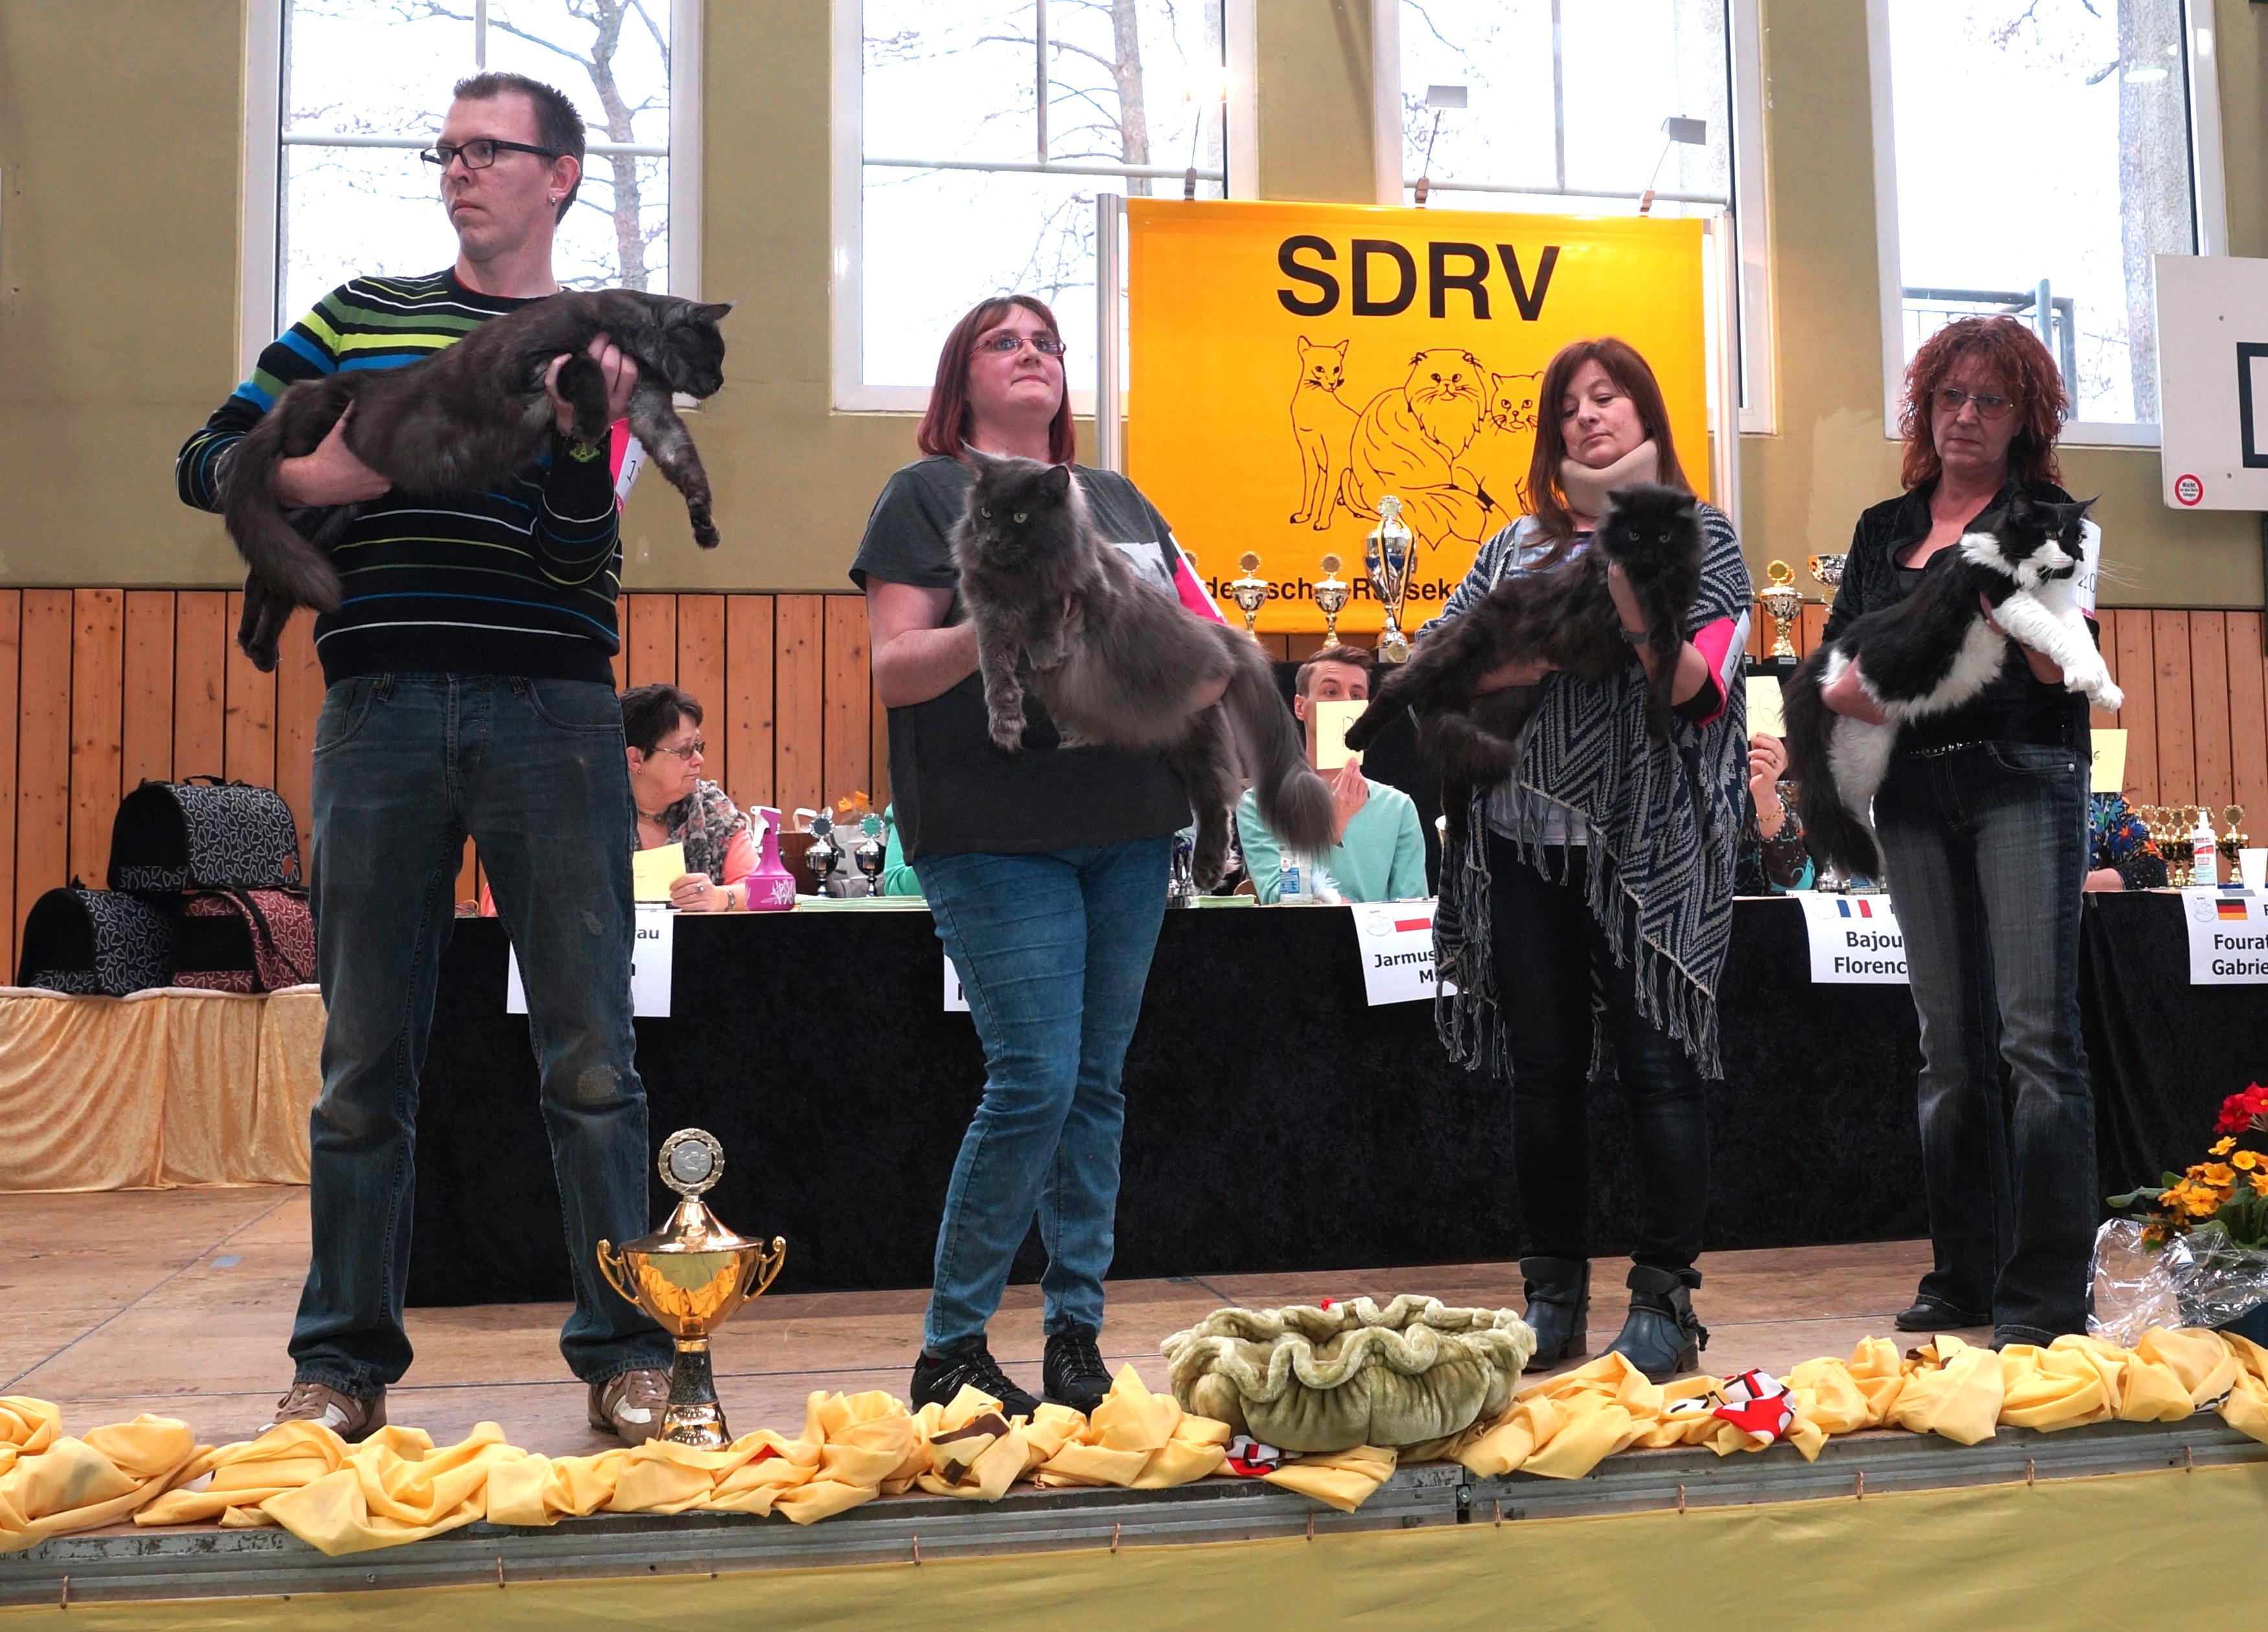 SDRV Memmelsdorf 2016 - BIS Samstag